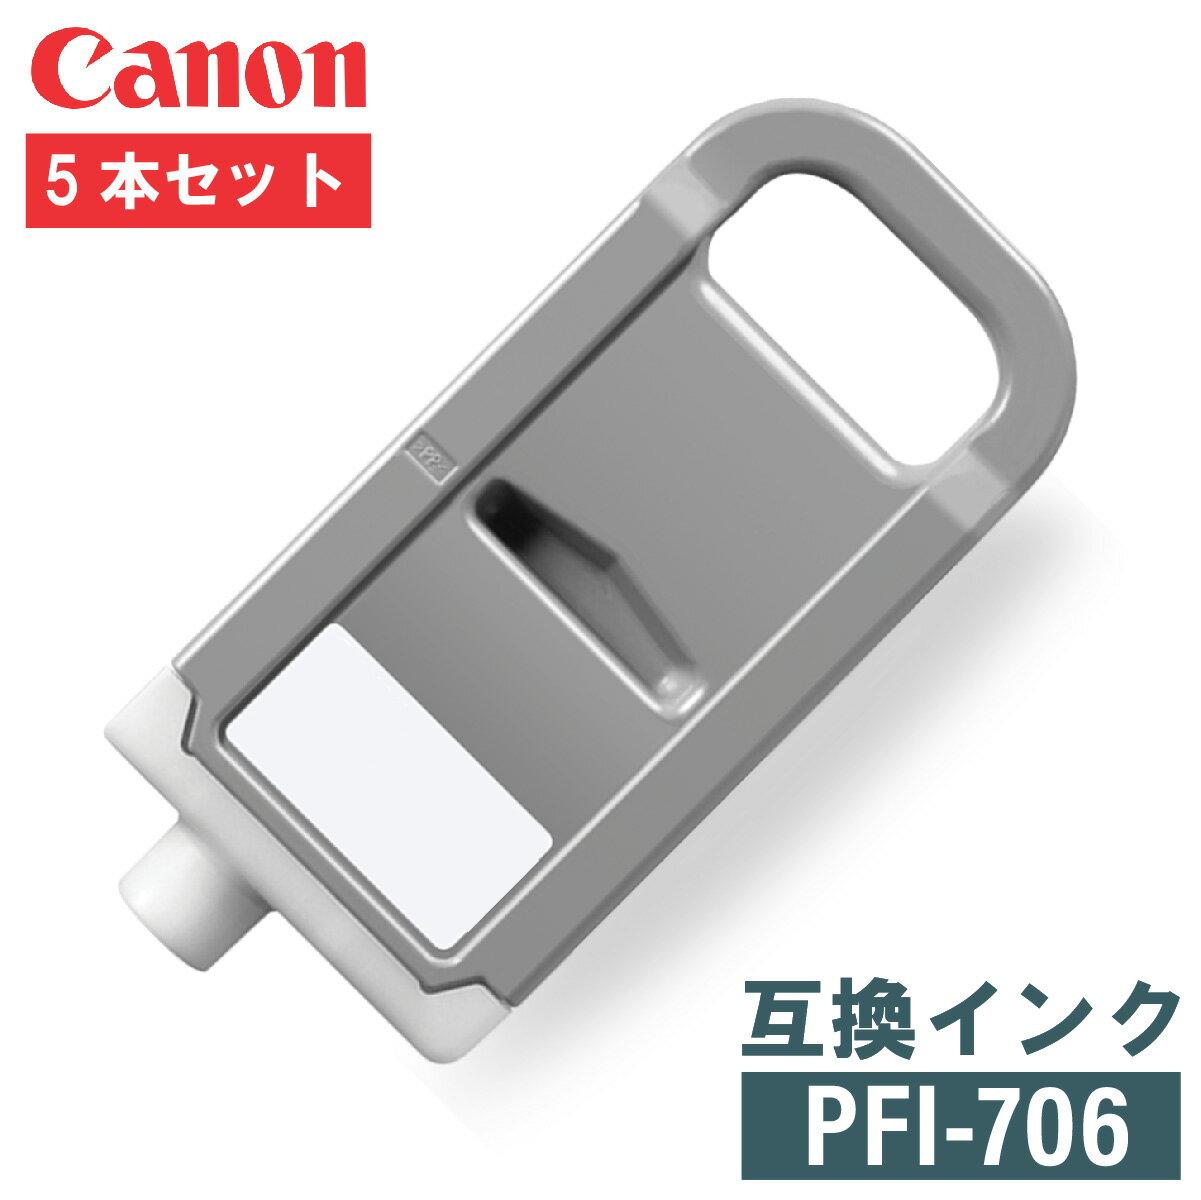 キャノン CANON PFI-706 700ml 互換インク インクタンク インクカートリッジ 低価格 5本セット 半額 ポイント10倍!